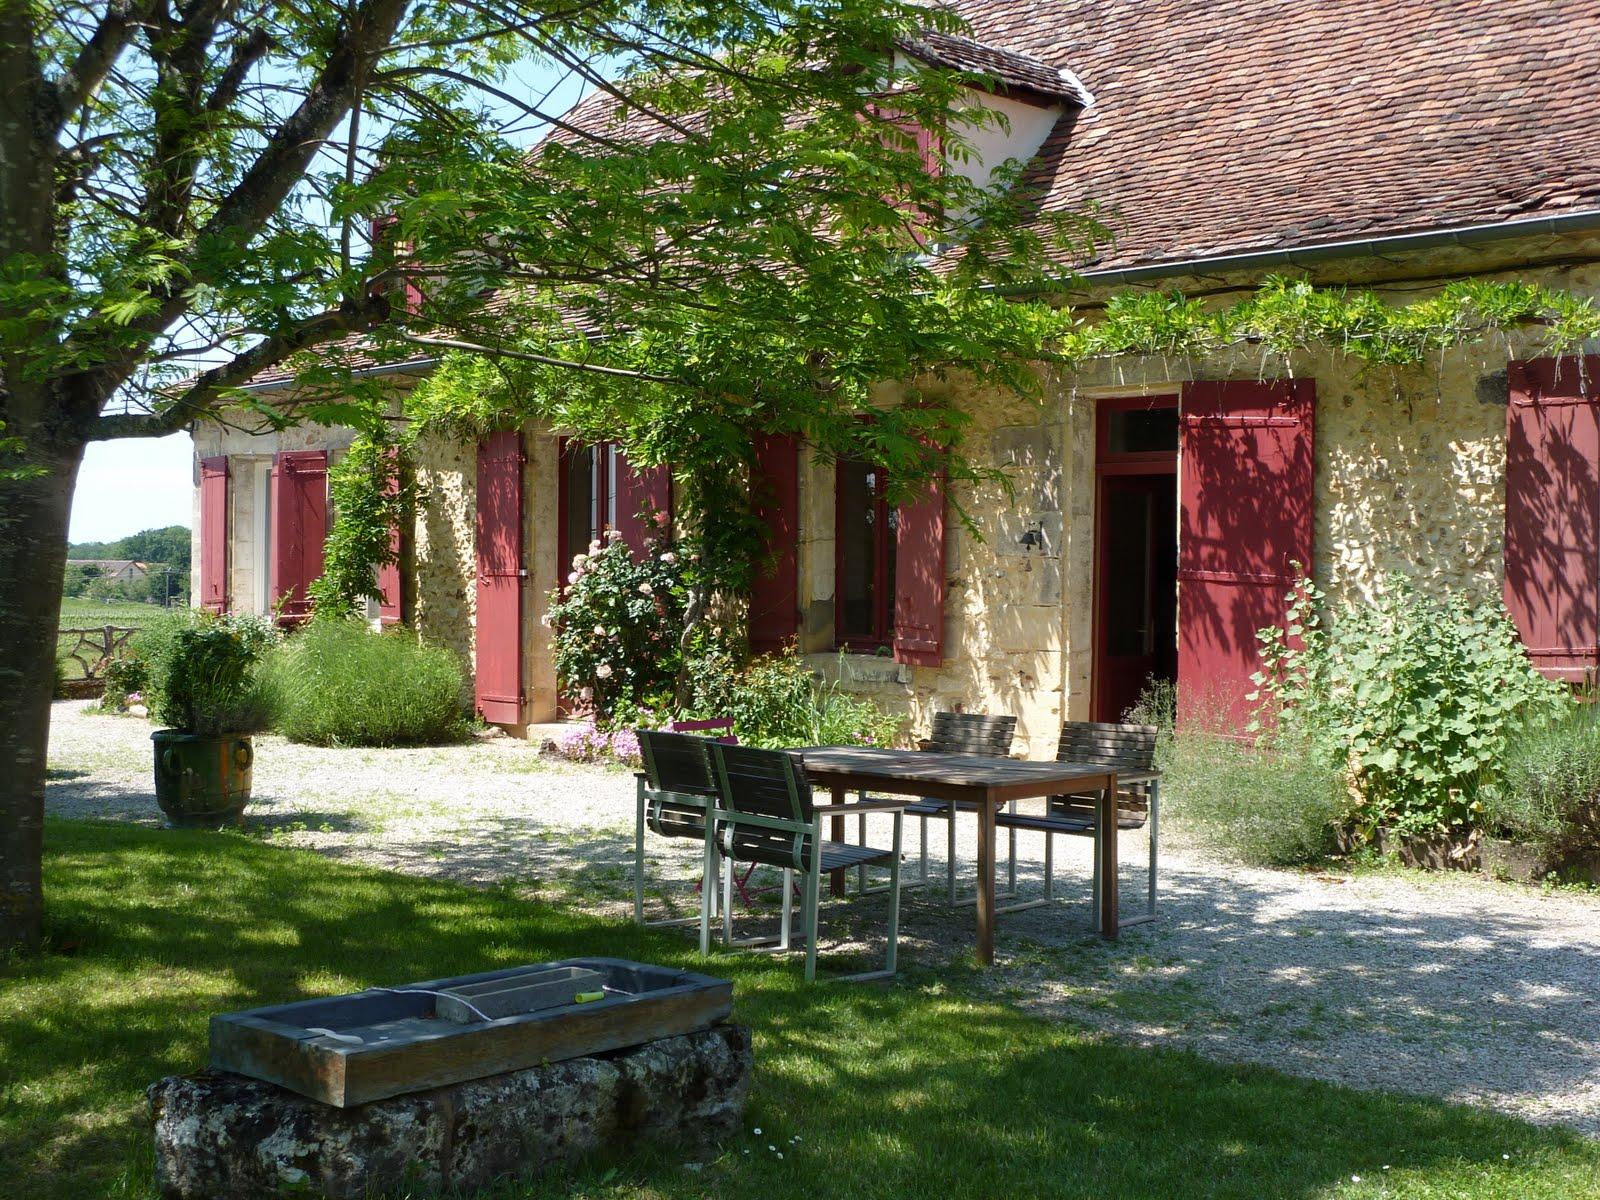 chambres d'hôtes - Domaine de Bellevue Cottage